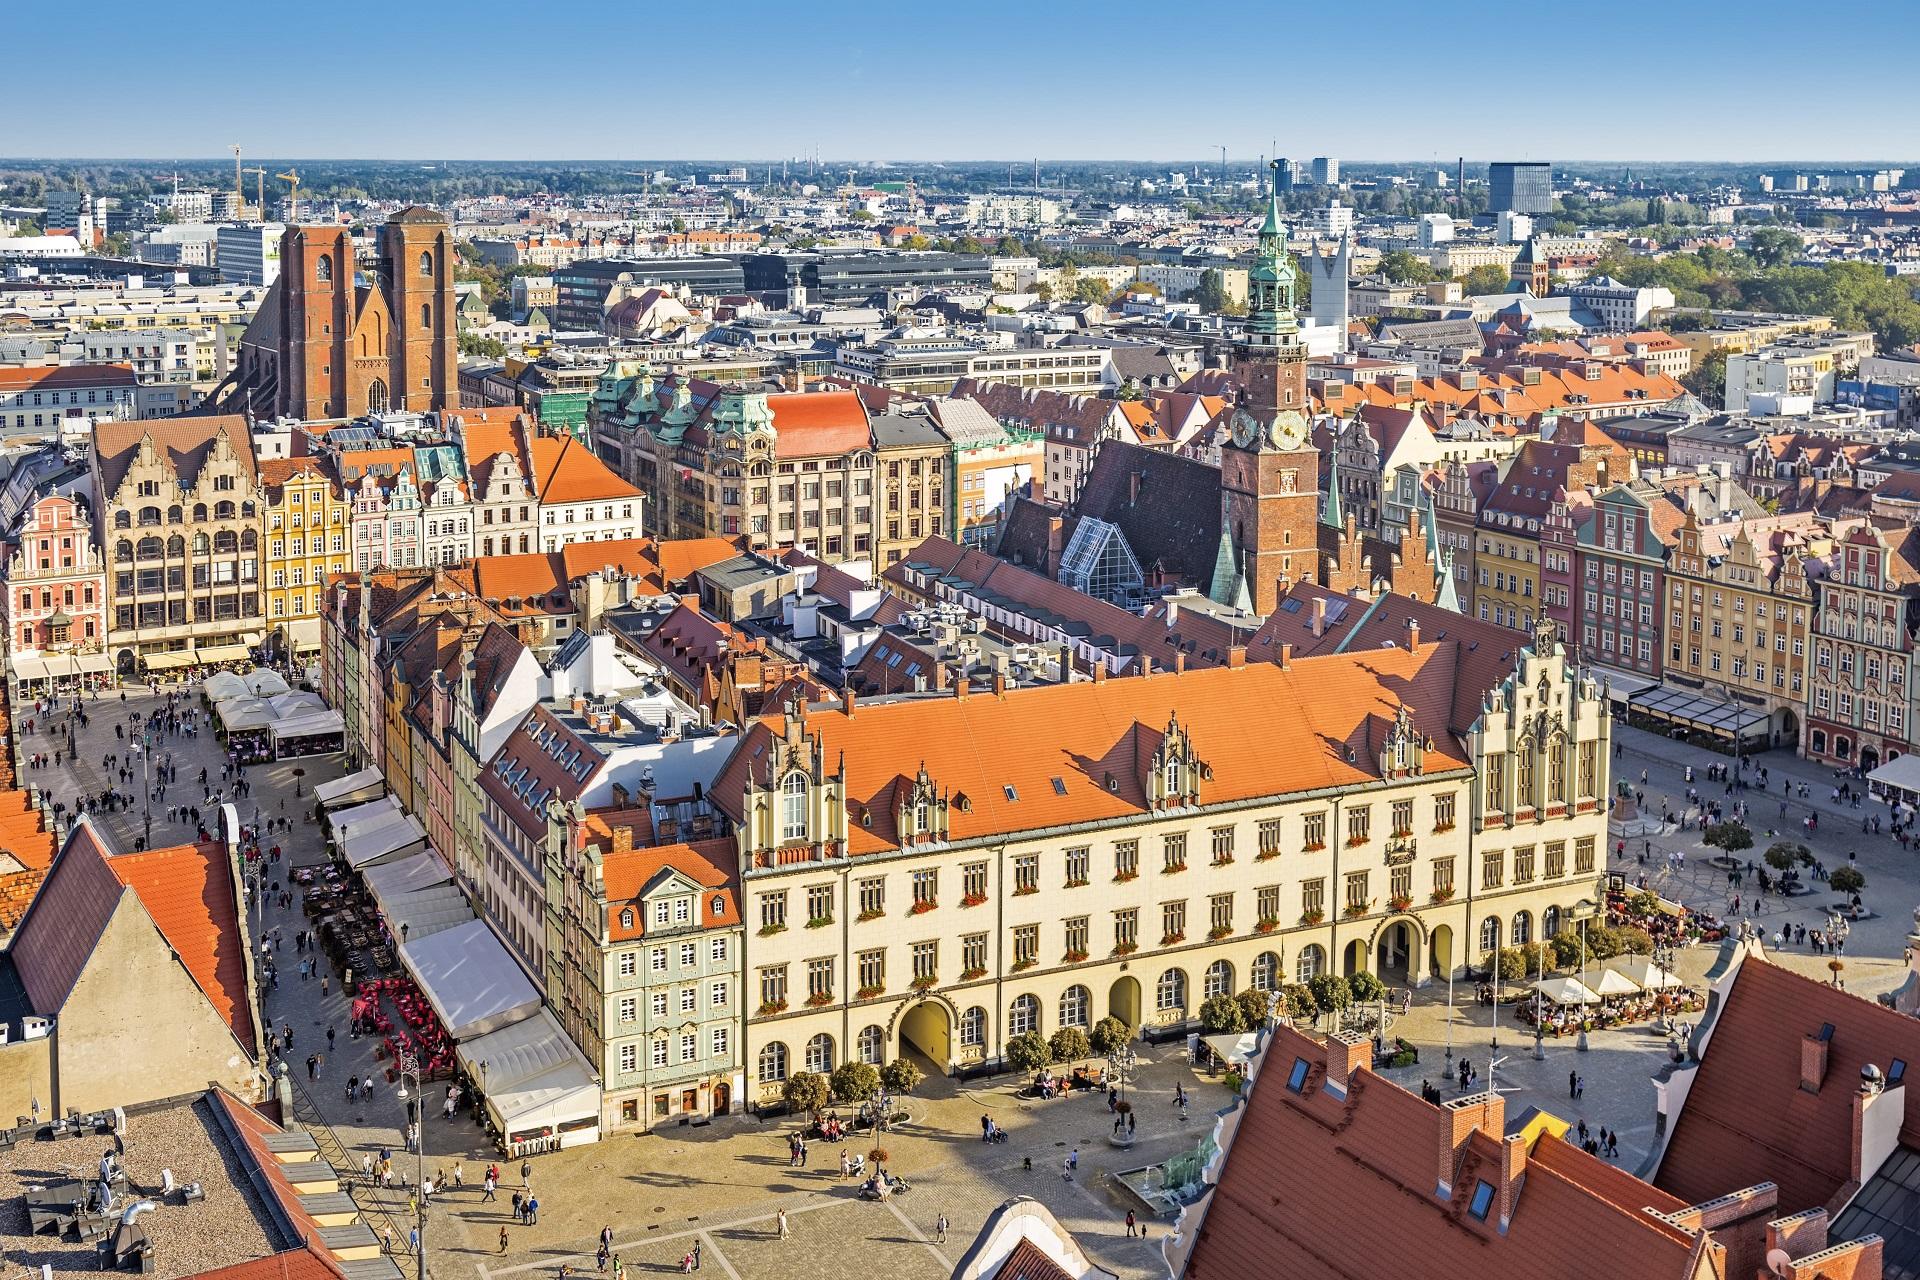 wroclaw-with-rynek-city-hall-wroclaw-poland